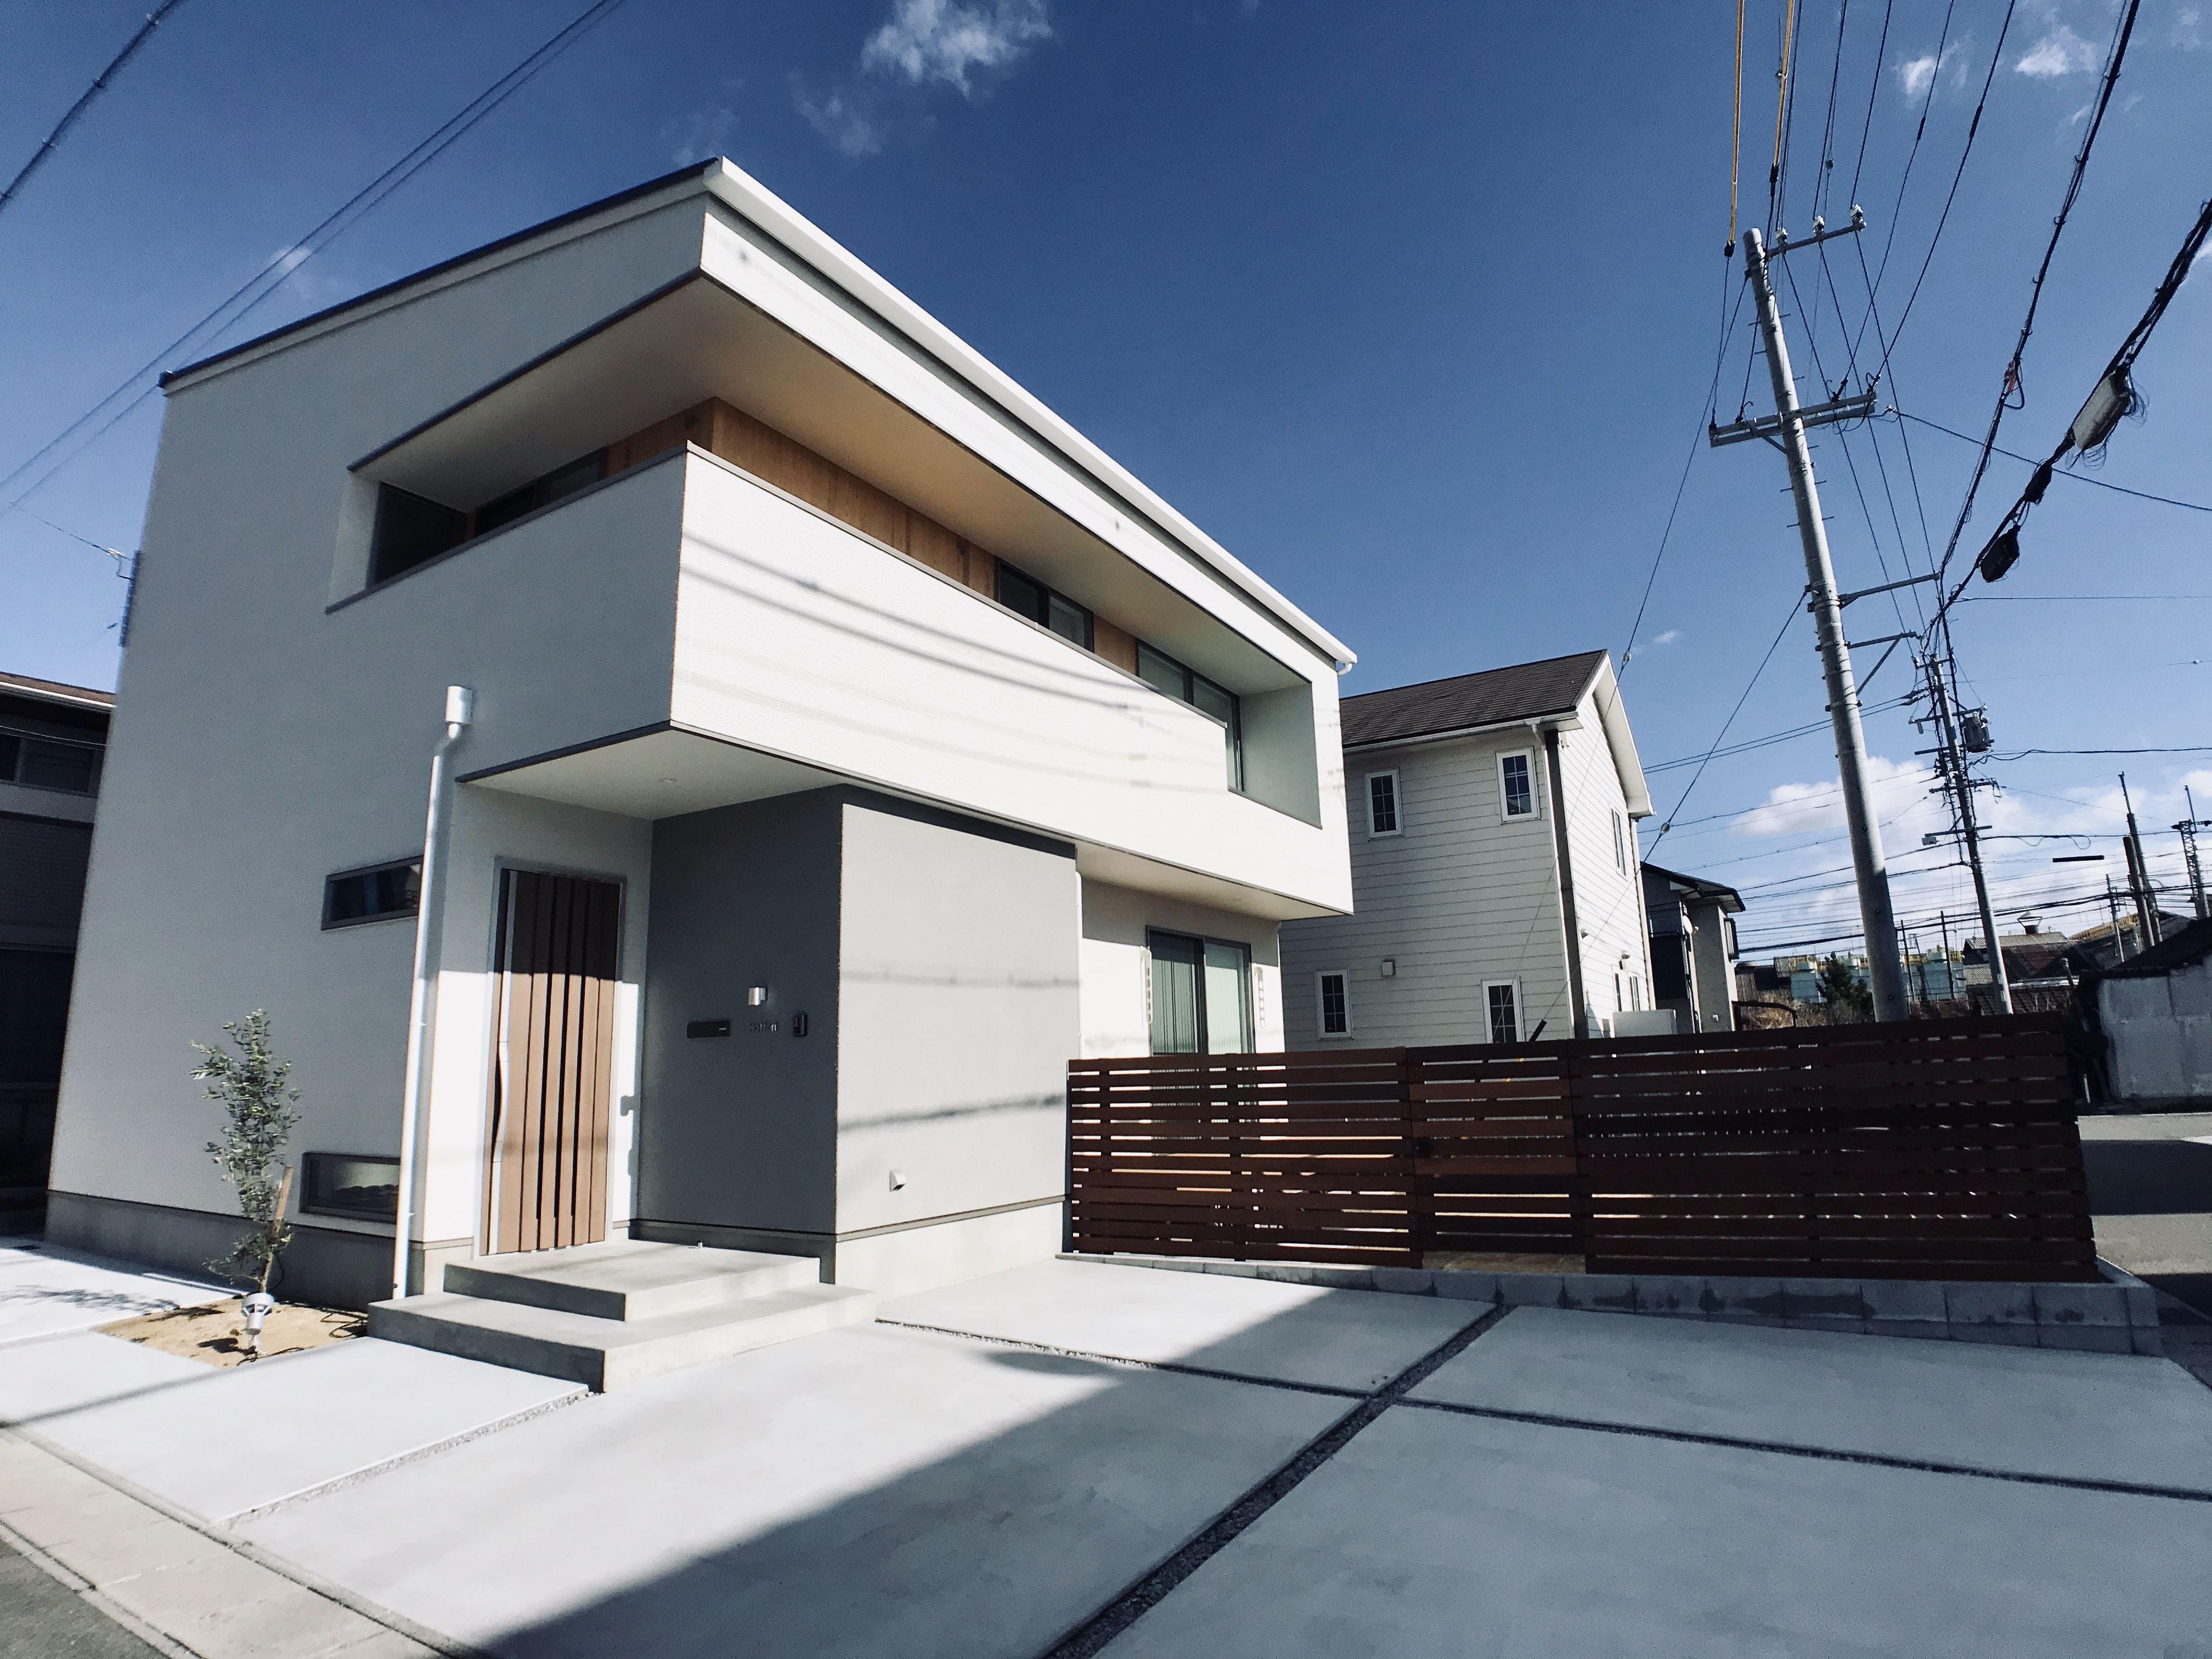 白い家 シンプルな外観 家 シンプルな家 家のデザイン